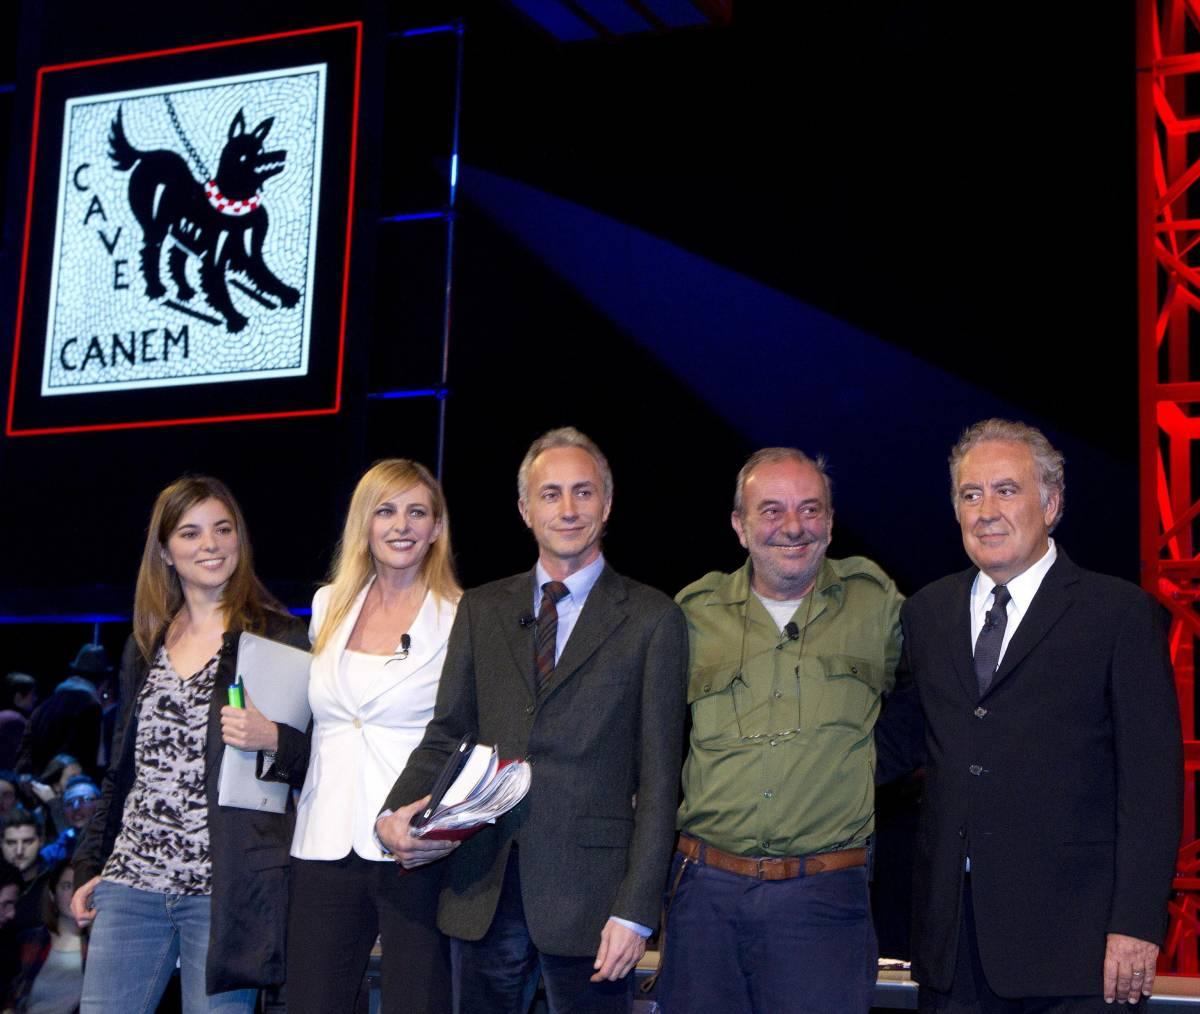 Giulia Innocenzi, Luisella Costamagna, Marco Travaglio, Vauro e Michele Santoro